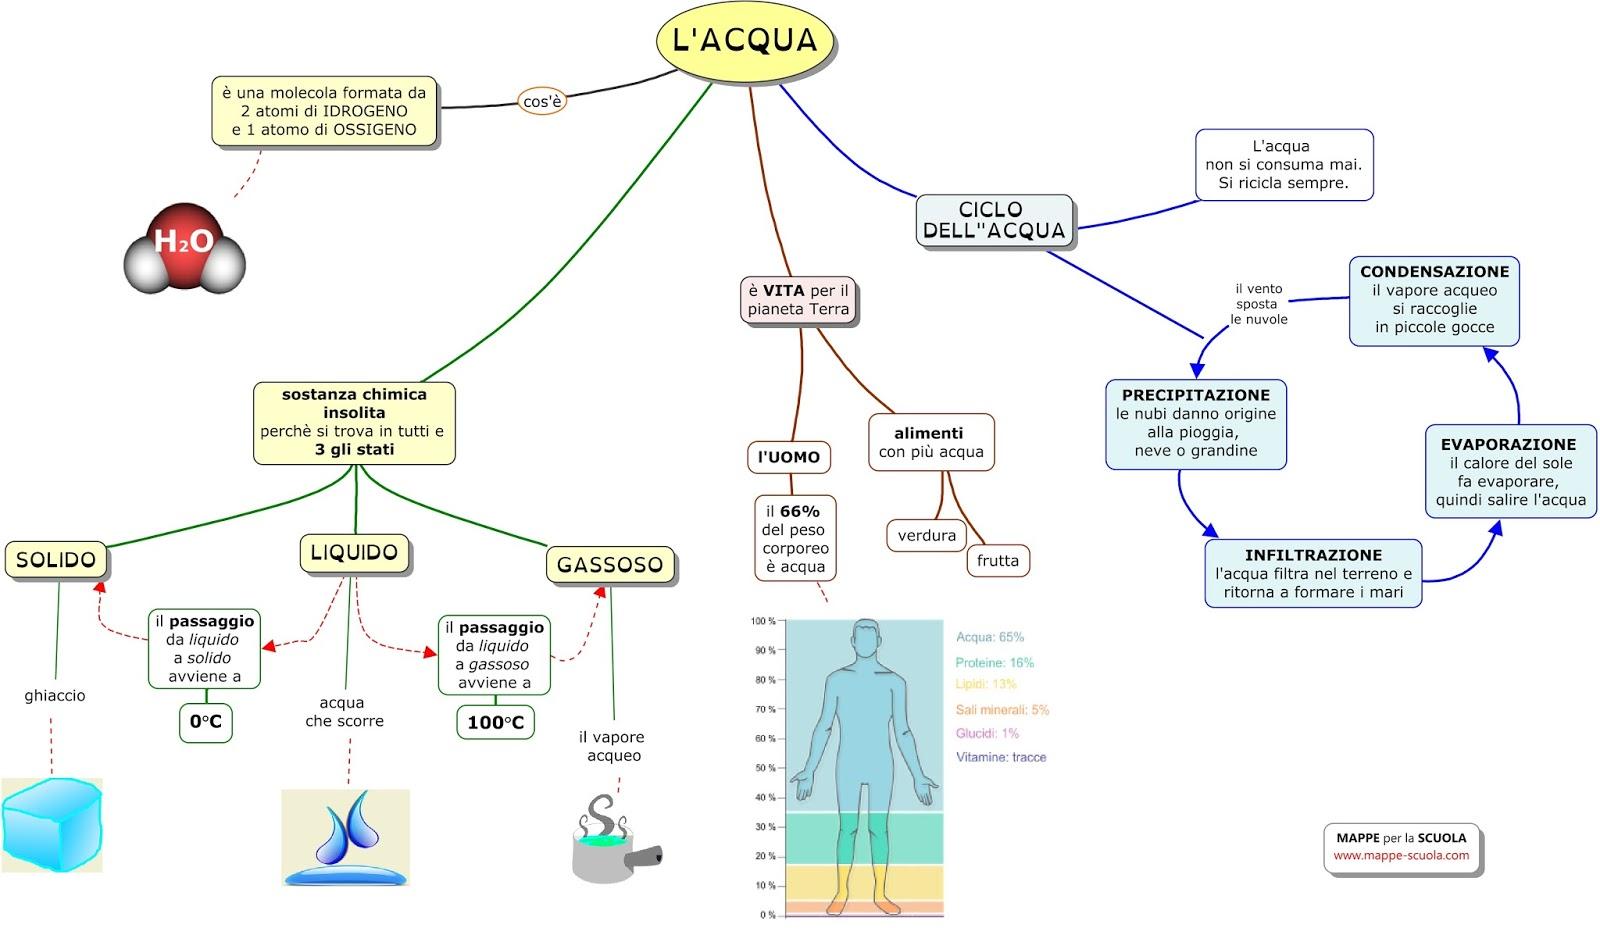 Favoloso MAPPE per la SCUOLA: L'ACQUA, IL CICLO DELL'ACQUA FX26